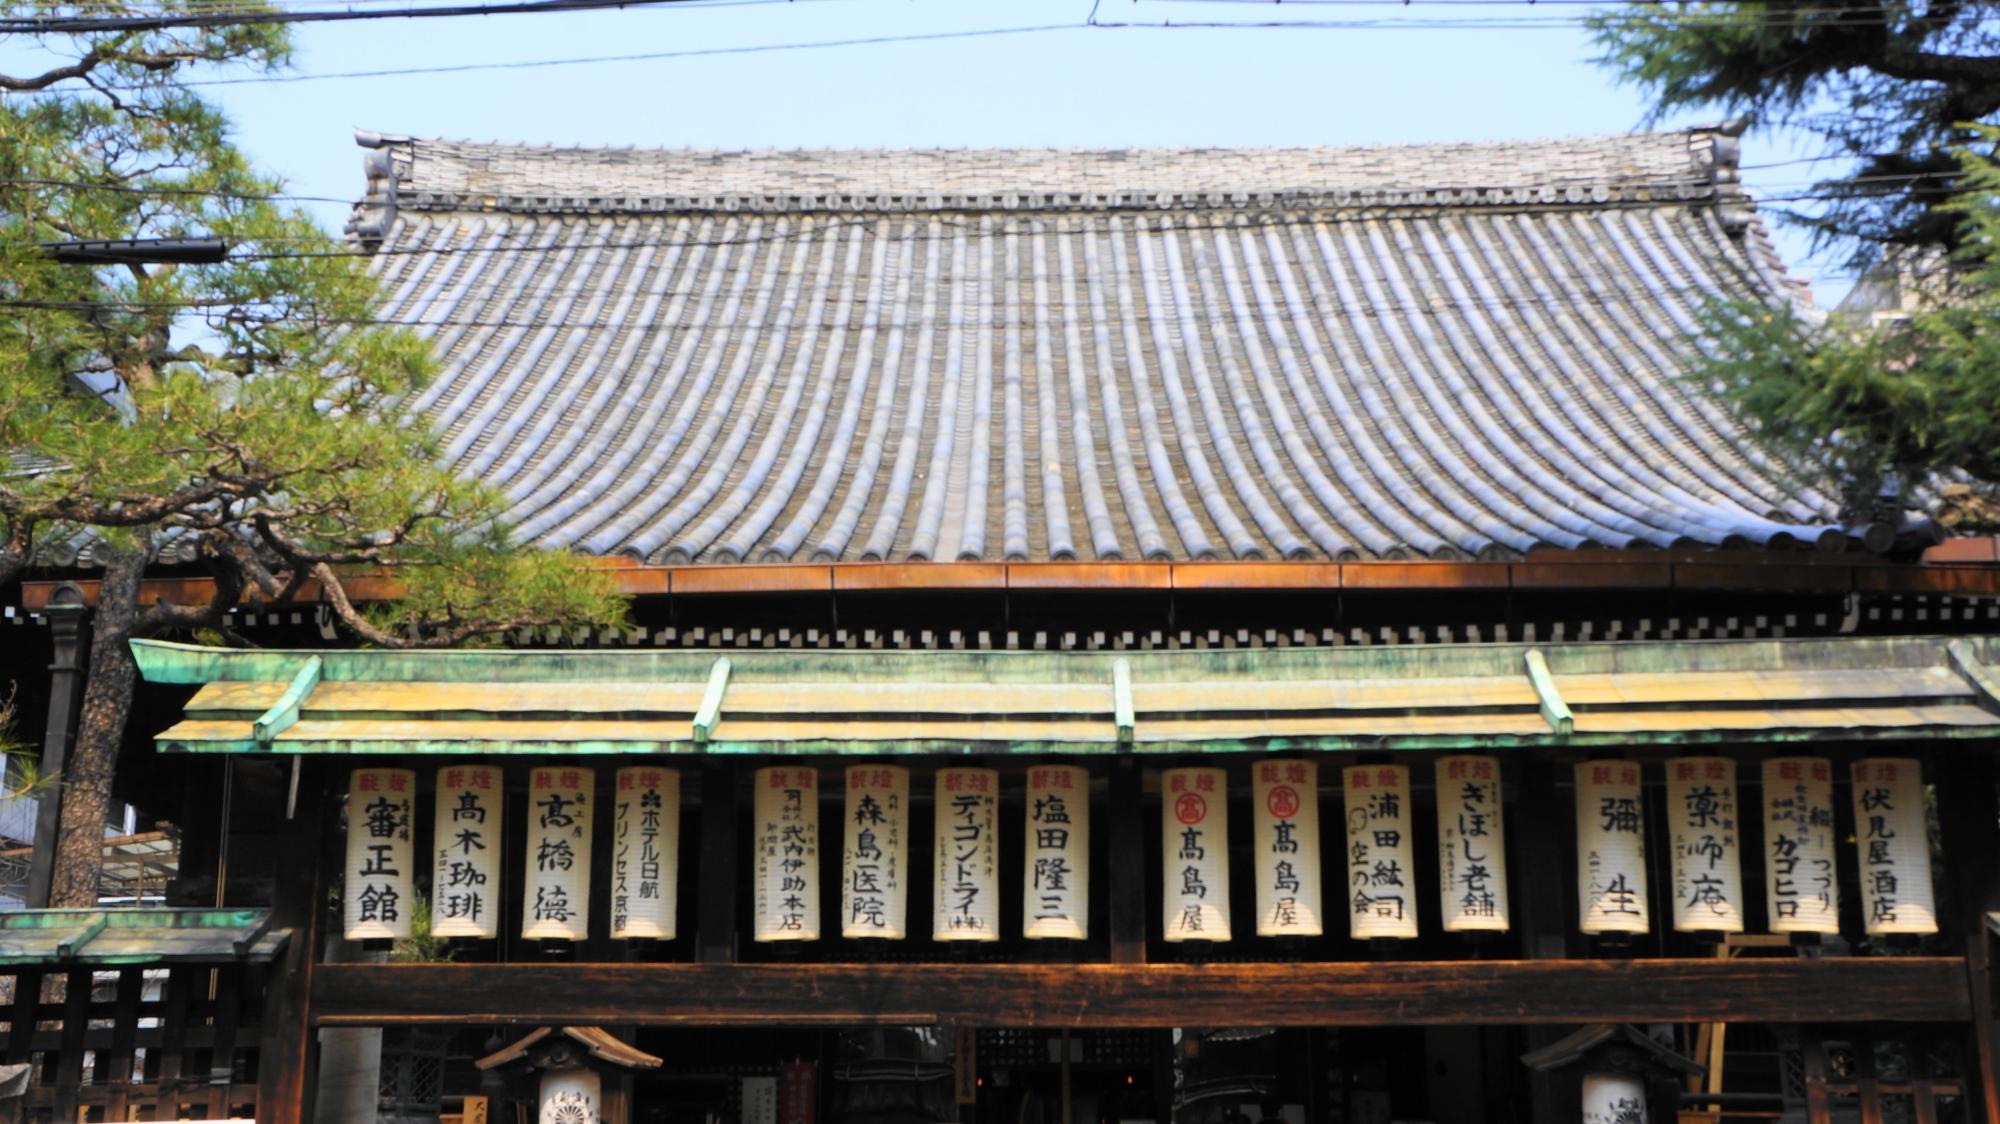 因幡薬師 がん封じと日本三如来の平等寺Post navigation